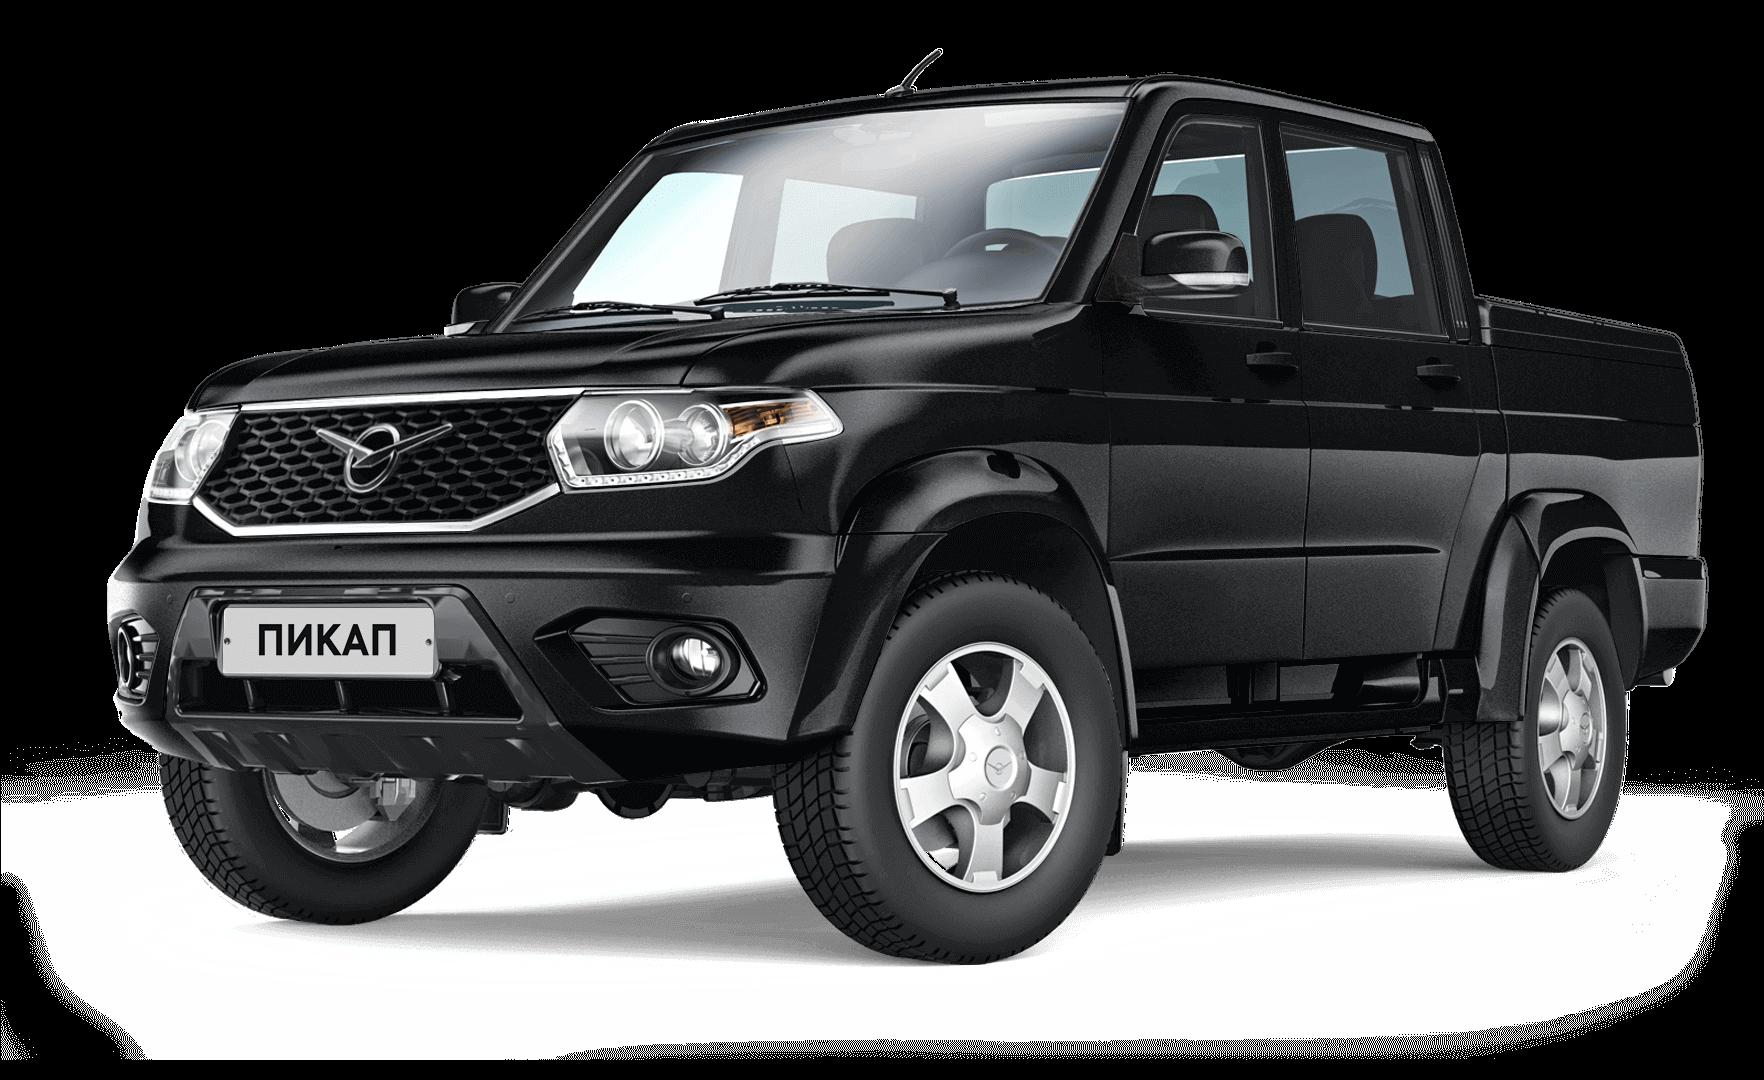 Обновленный УАЗ Пикап 2019 модельного года